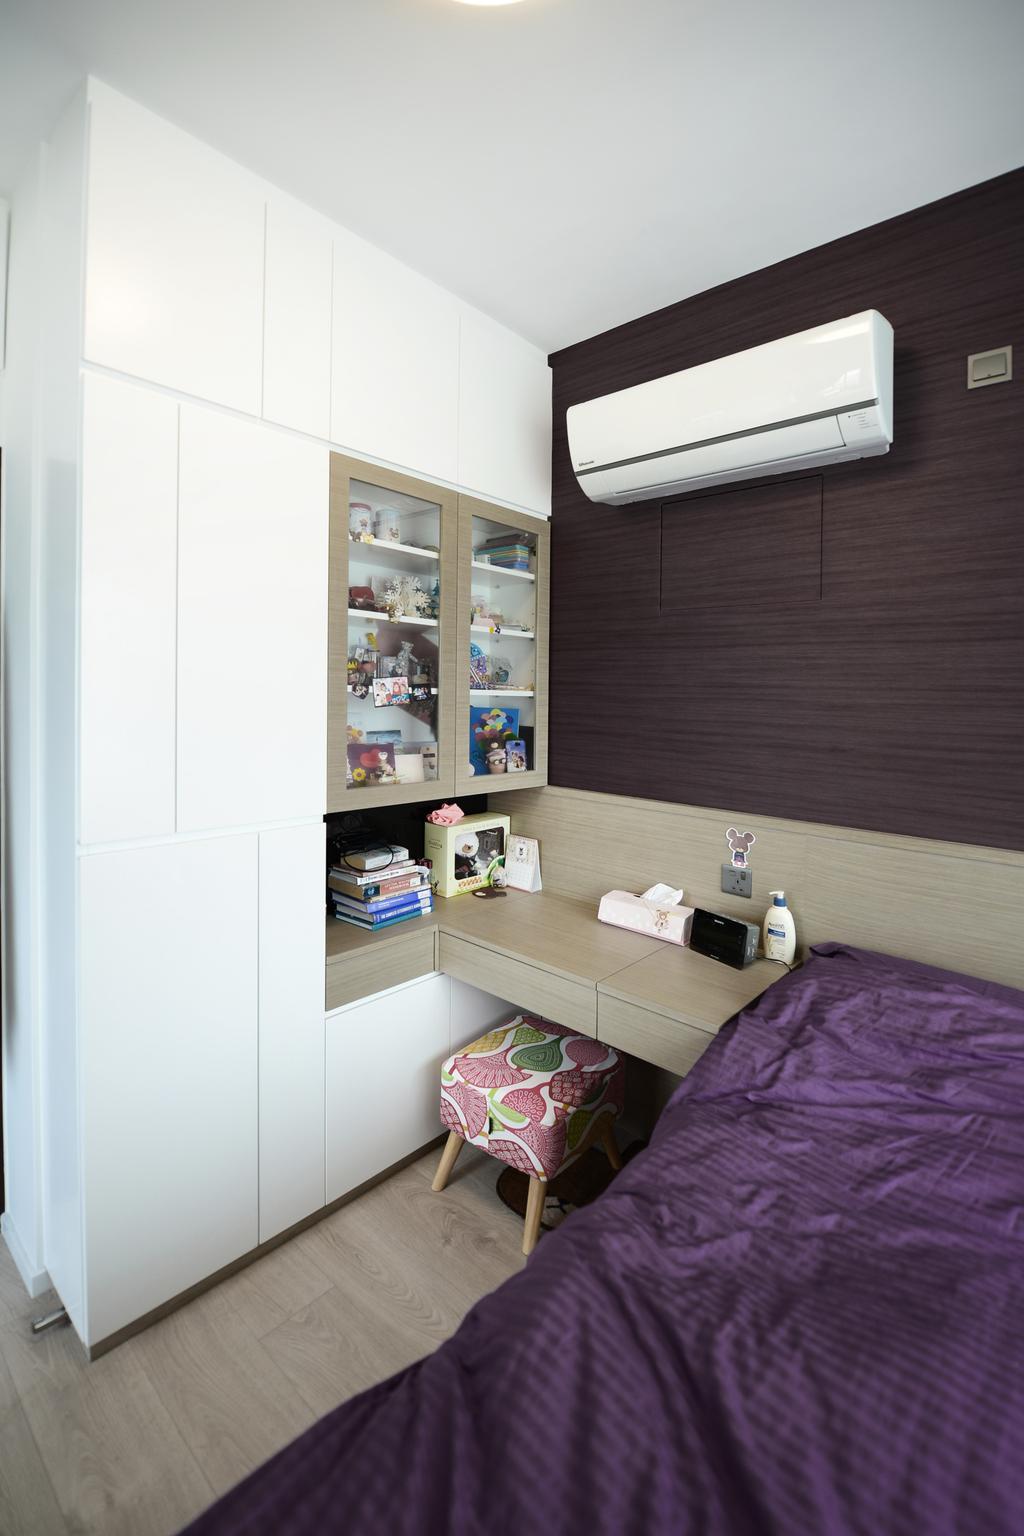 簡約, 私家樓, 睡房, 顯峰, 室內設計師, 爾雋設計, 摩登